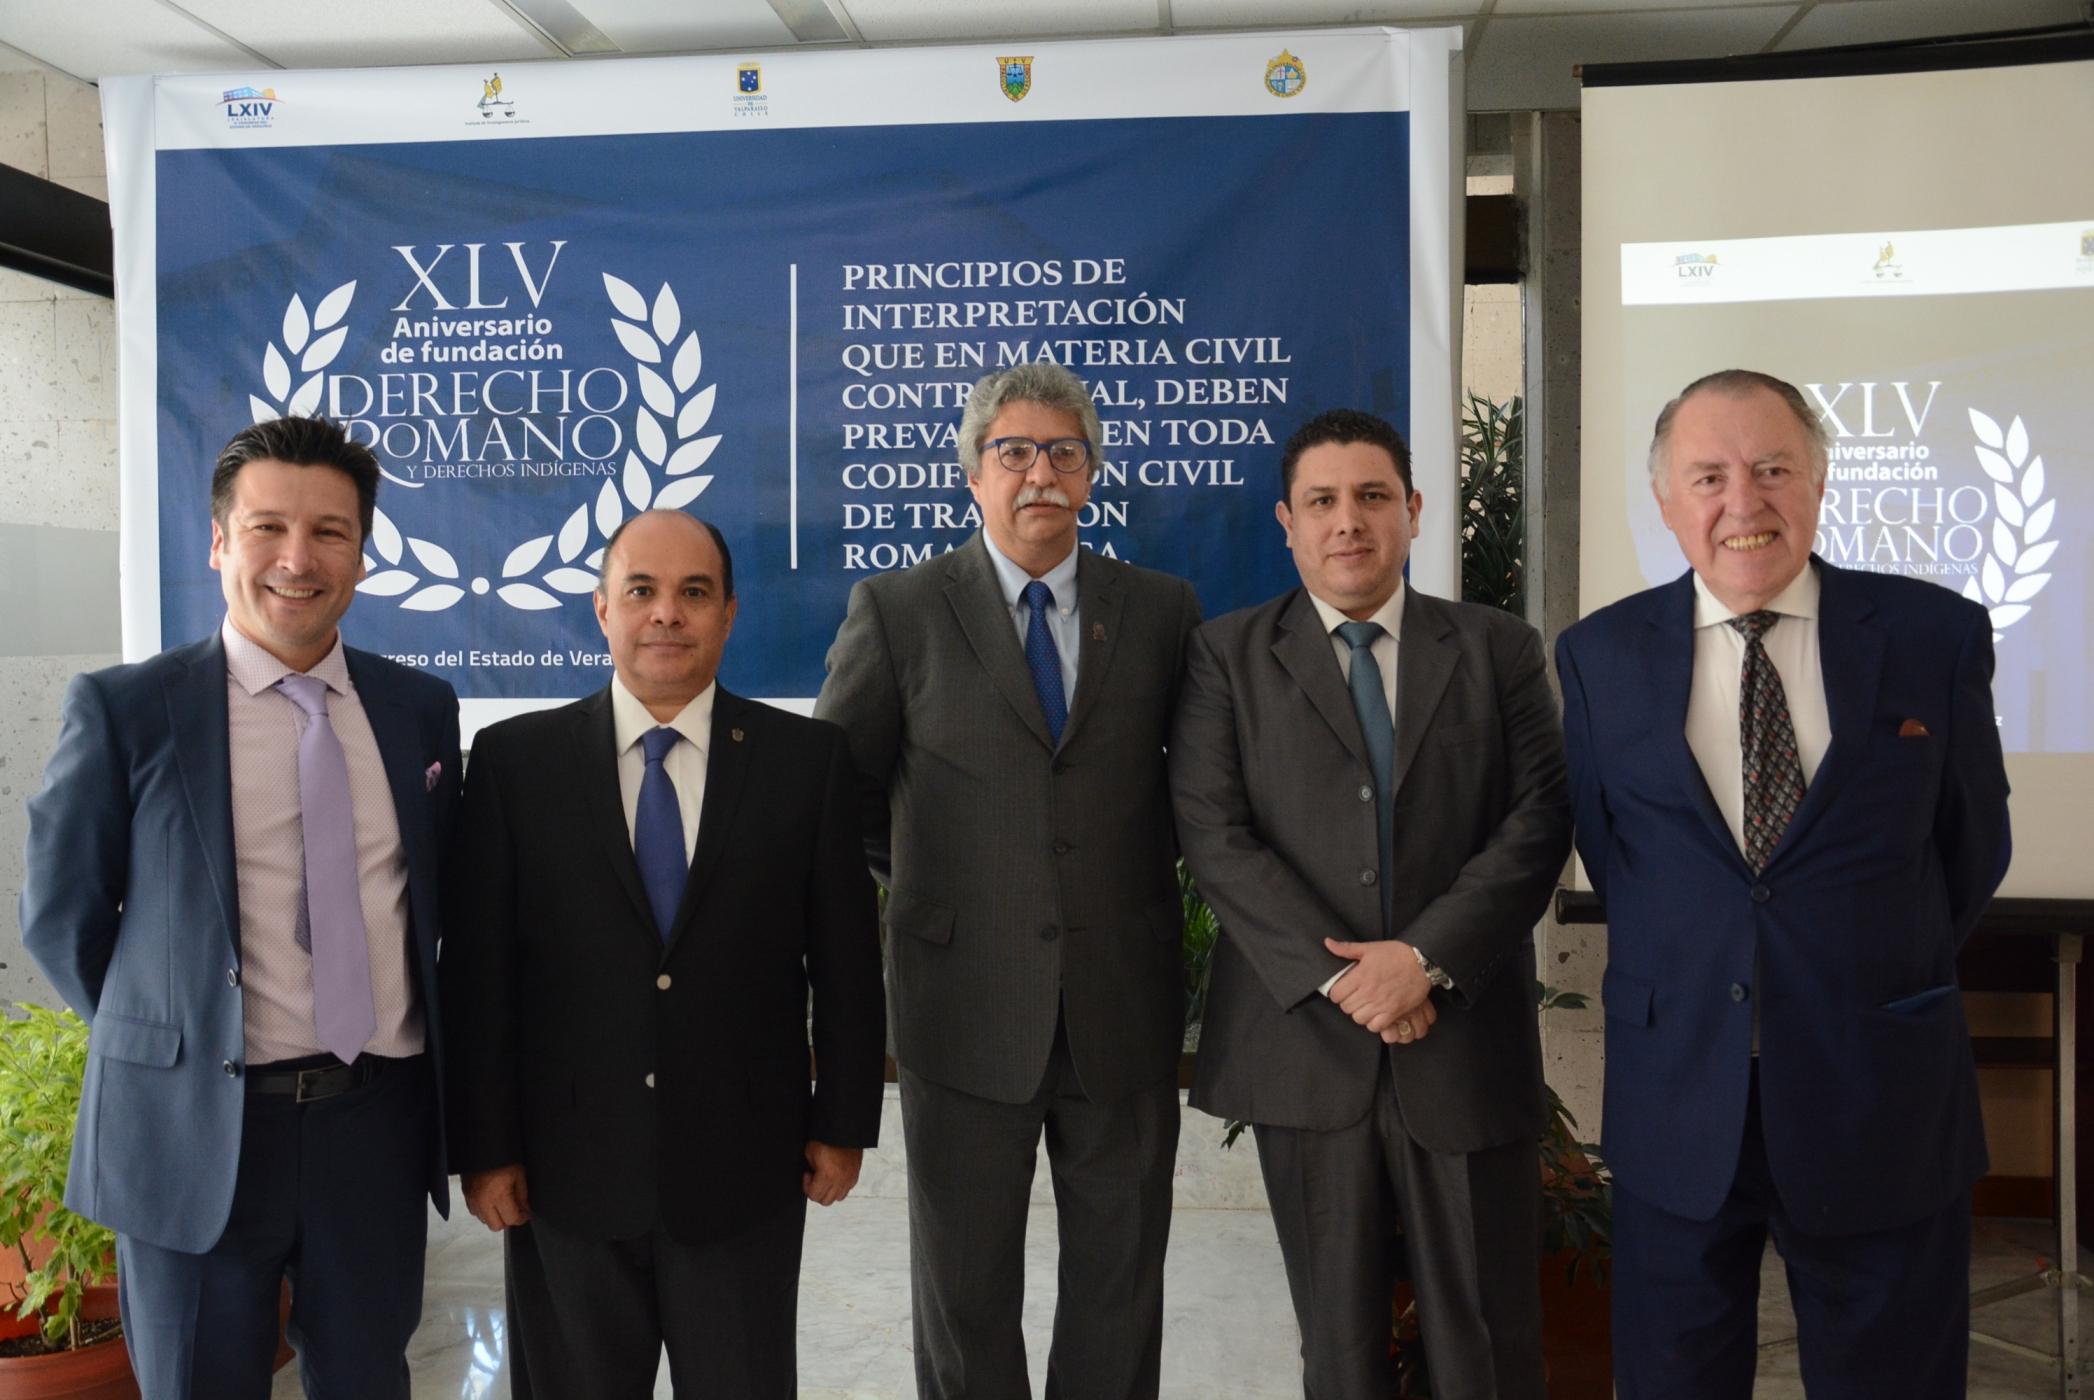 Disertan académicos chilenos en el Congreso local sobre derecho romano